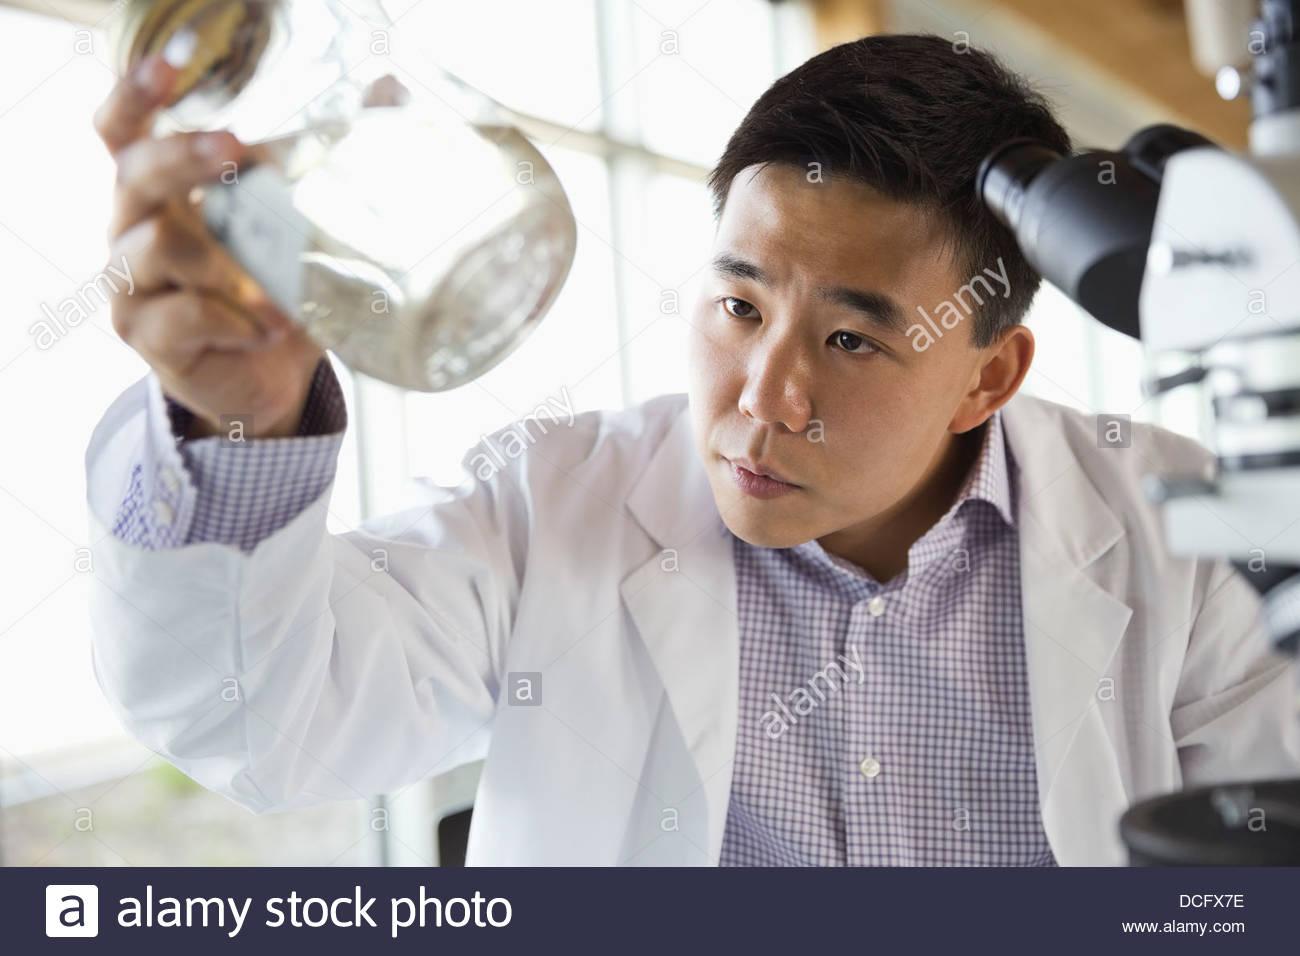 Techniker analysieren Wasserproben Stockbild